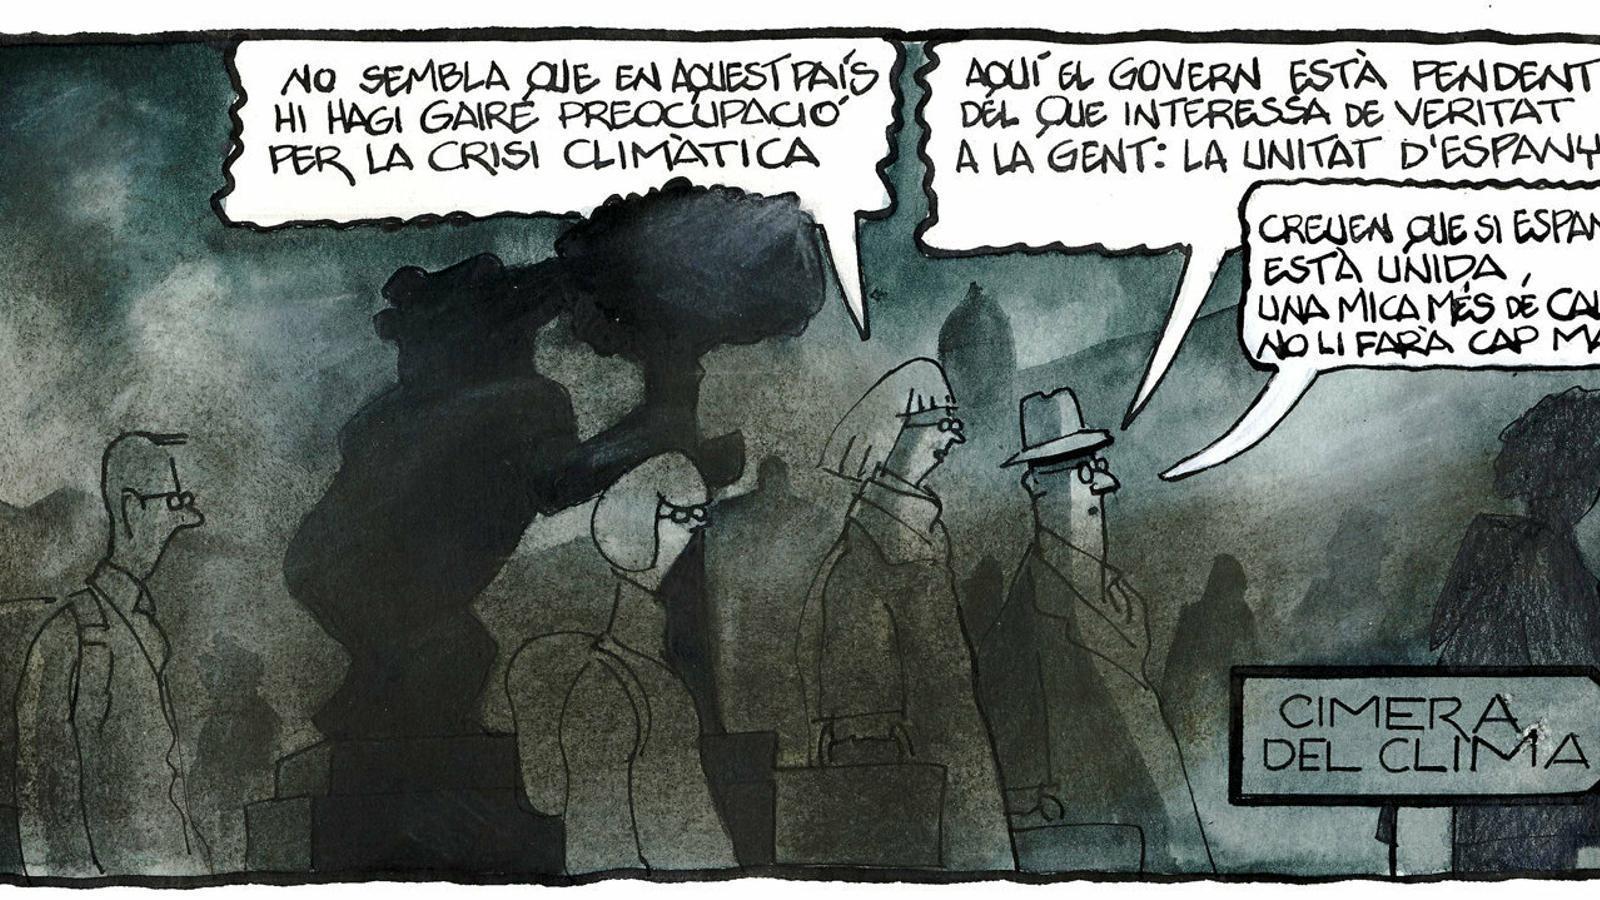 'A la contra', per Ferreres 03/12/2019